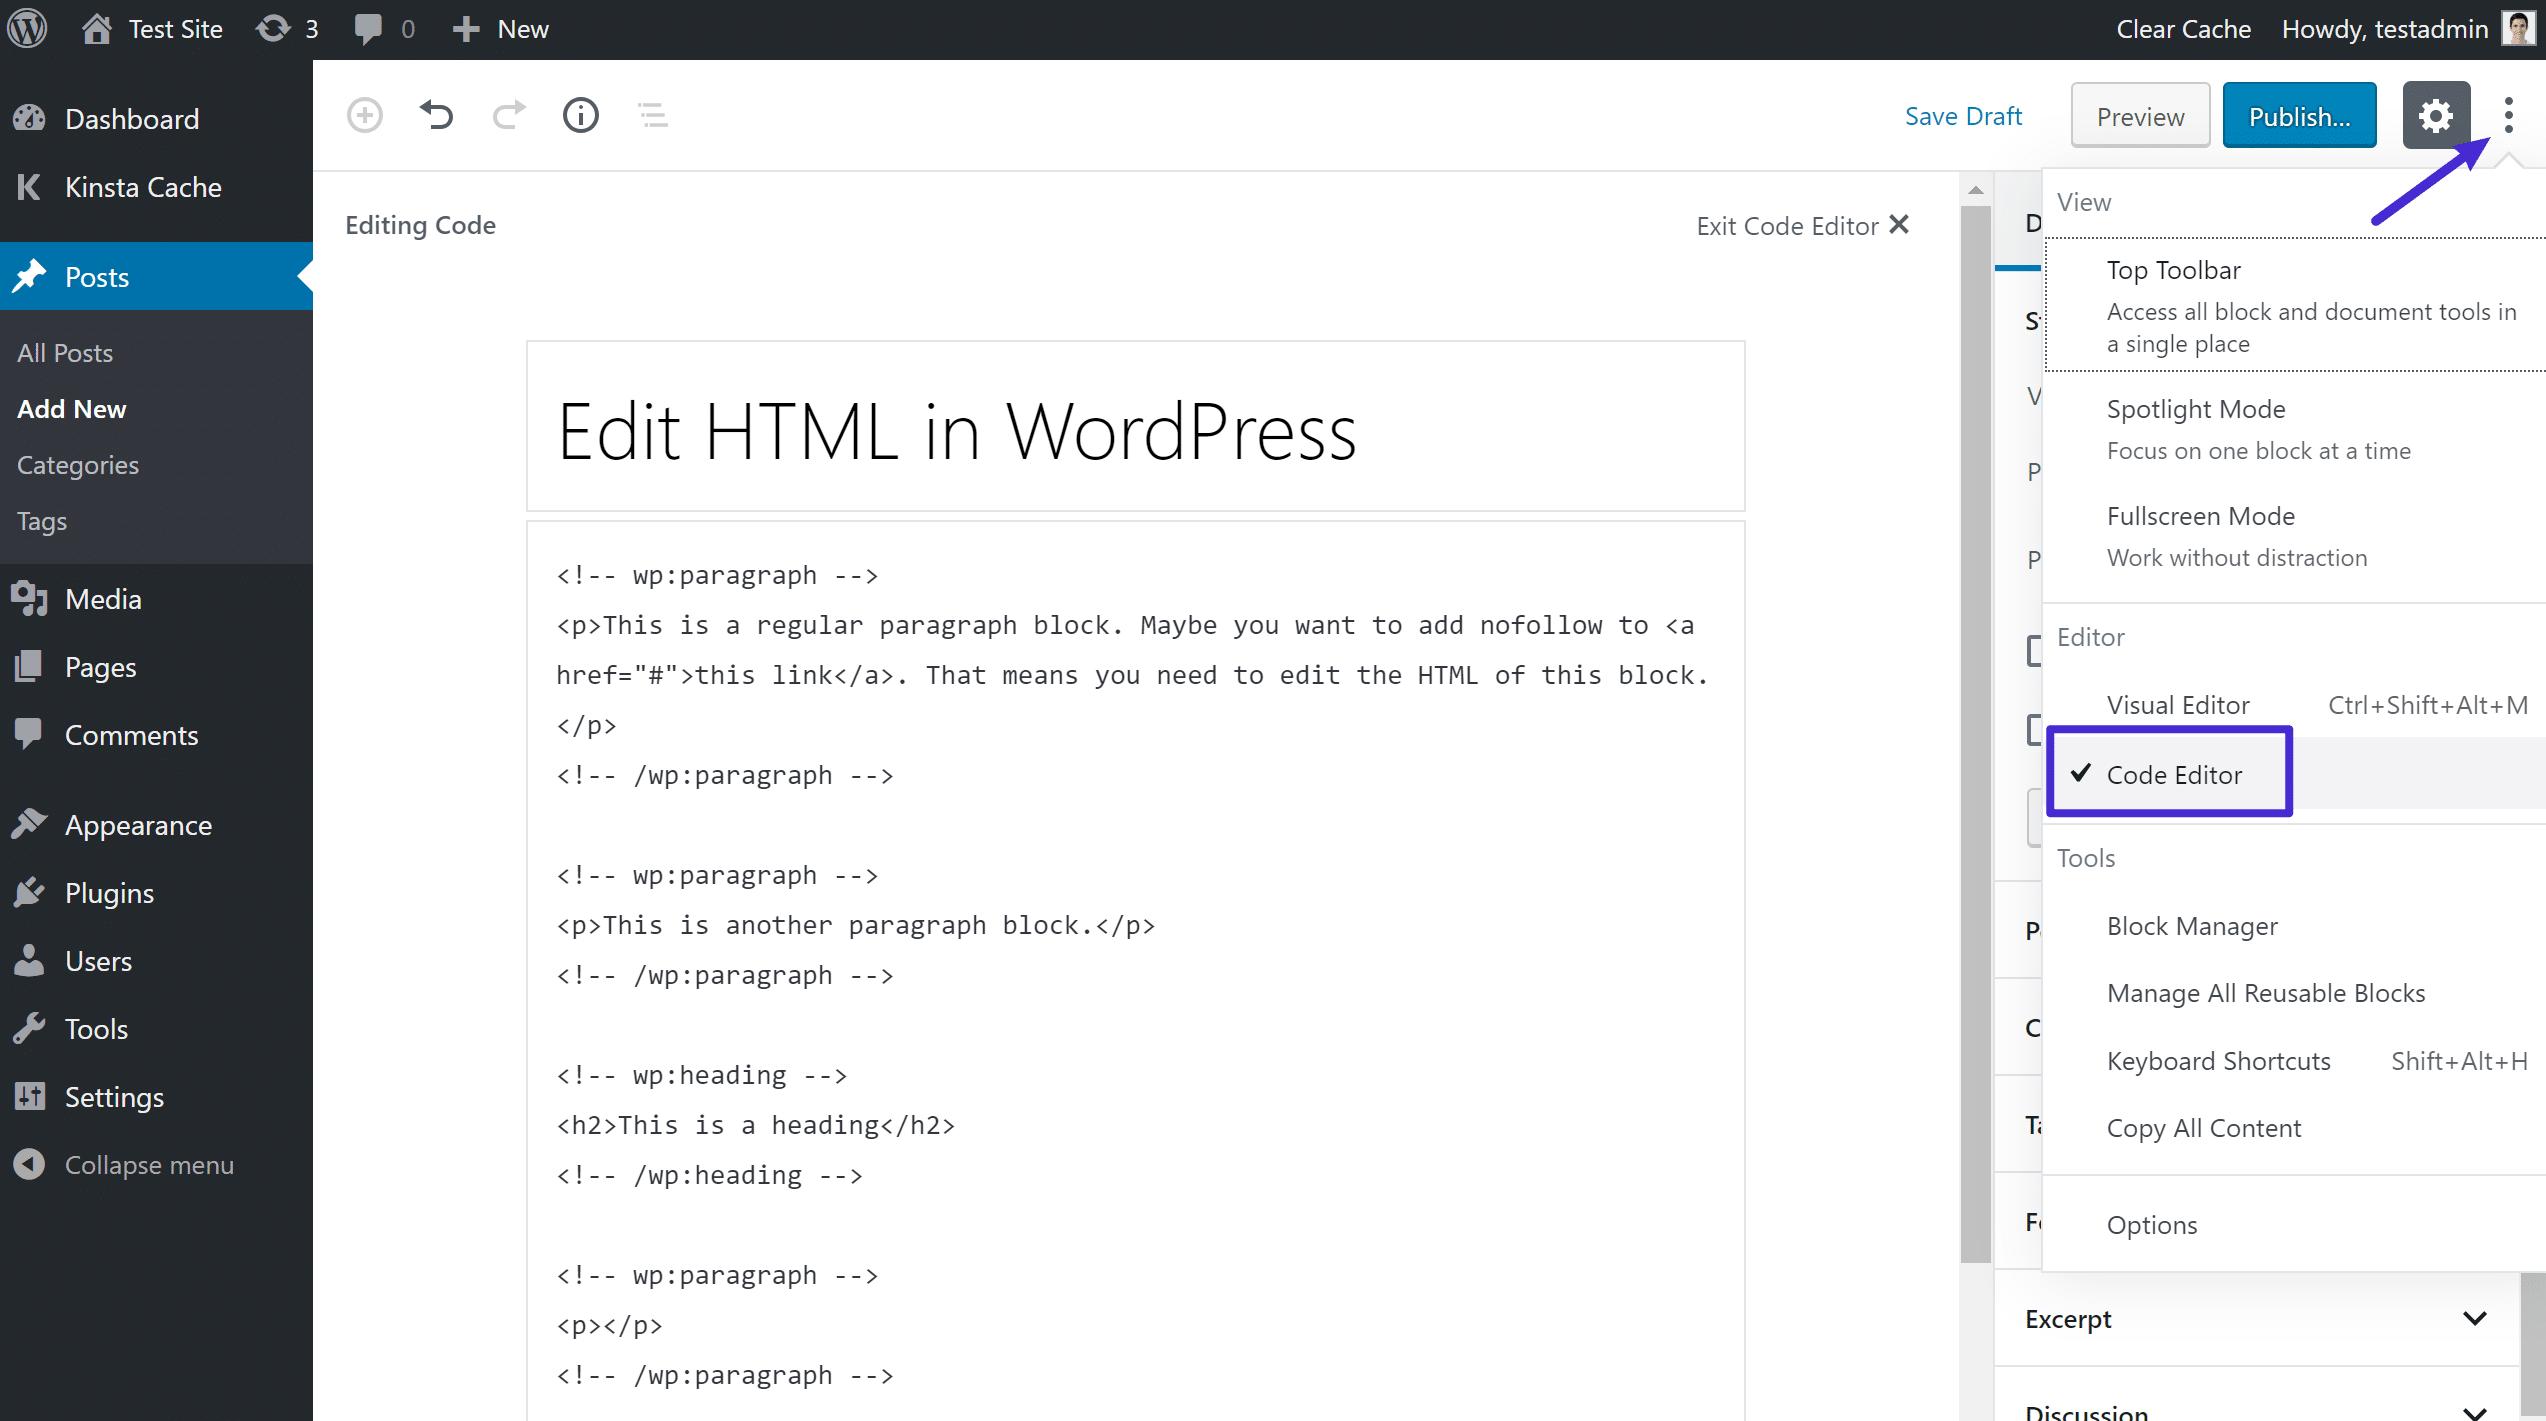 So greifst du auf den vollständigen Code-Editor in Gutenberg zu